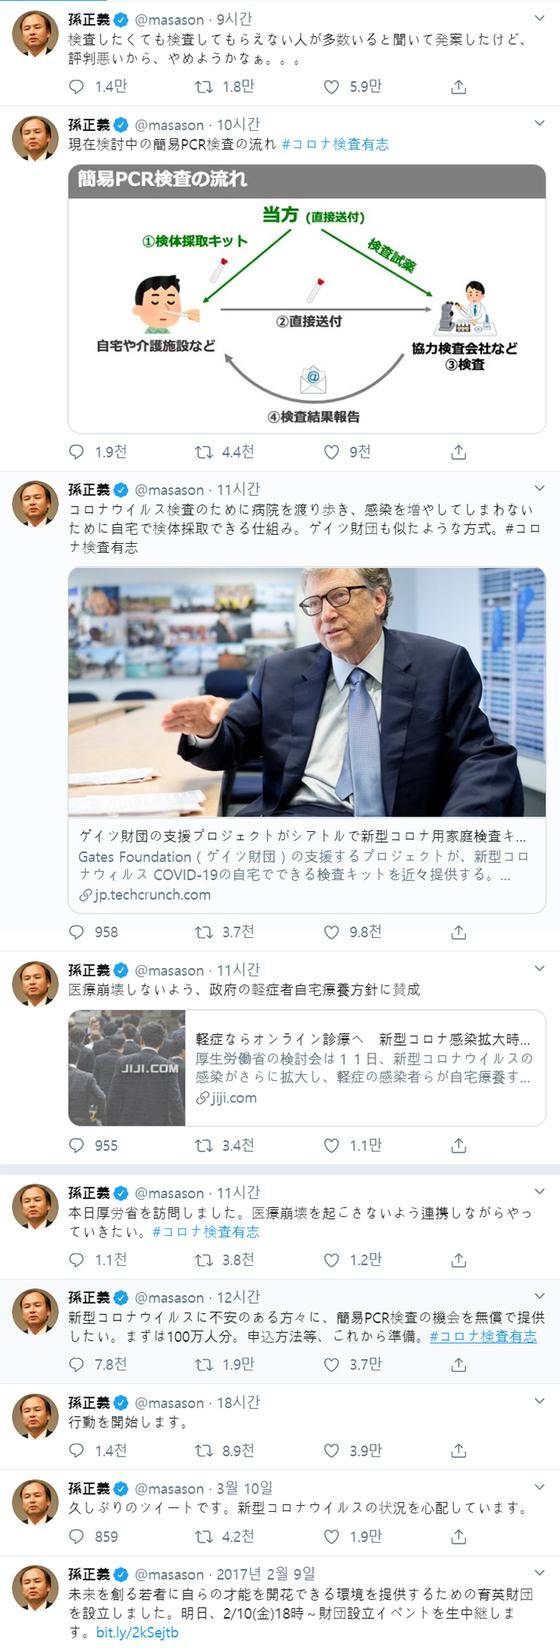 손정의 소프트뱅크 회장이 2017년 2월 이후 약 3년 만에 트윗을 남겼다. 손 회장은 9년 전 동일본대지진 당시에도 개인으로 100억엔을 기부해 화제를 모은 바 있다. 트위터 캡처